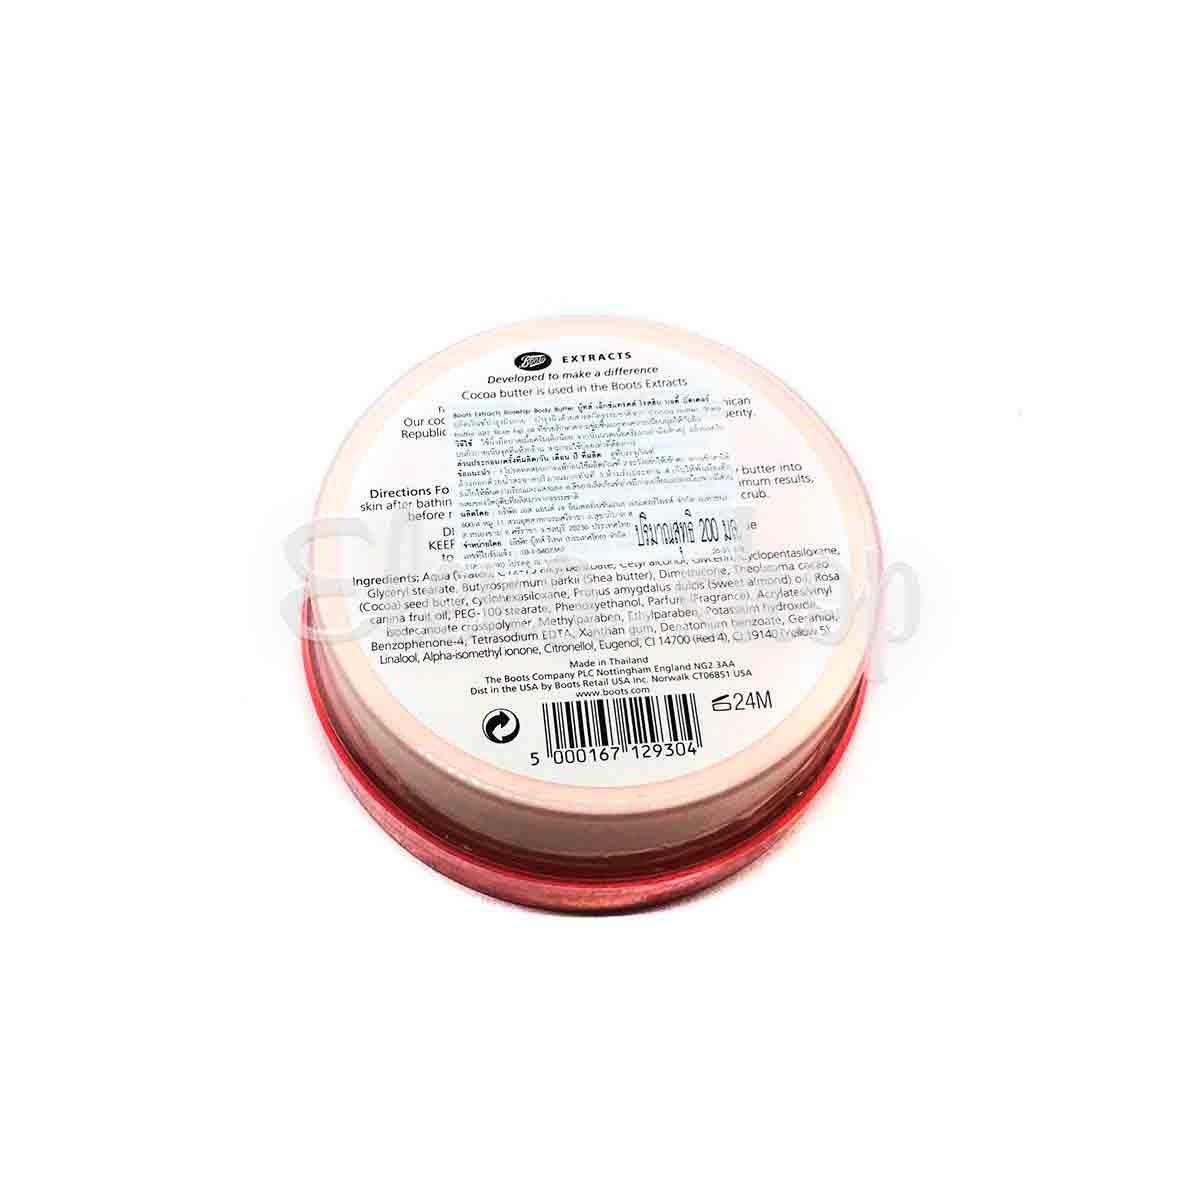 Крем-масло для тела с экстрактом Шиповника от Boots